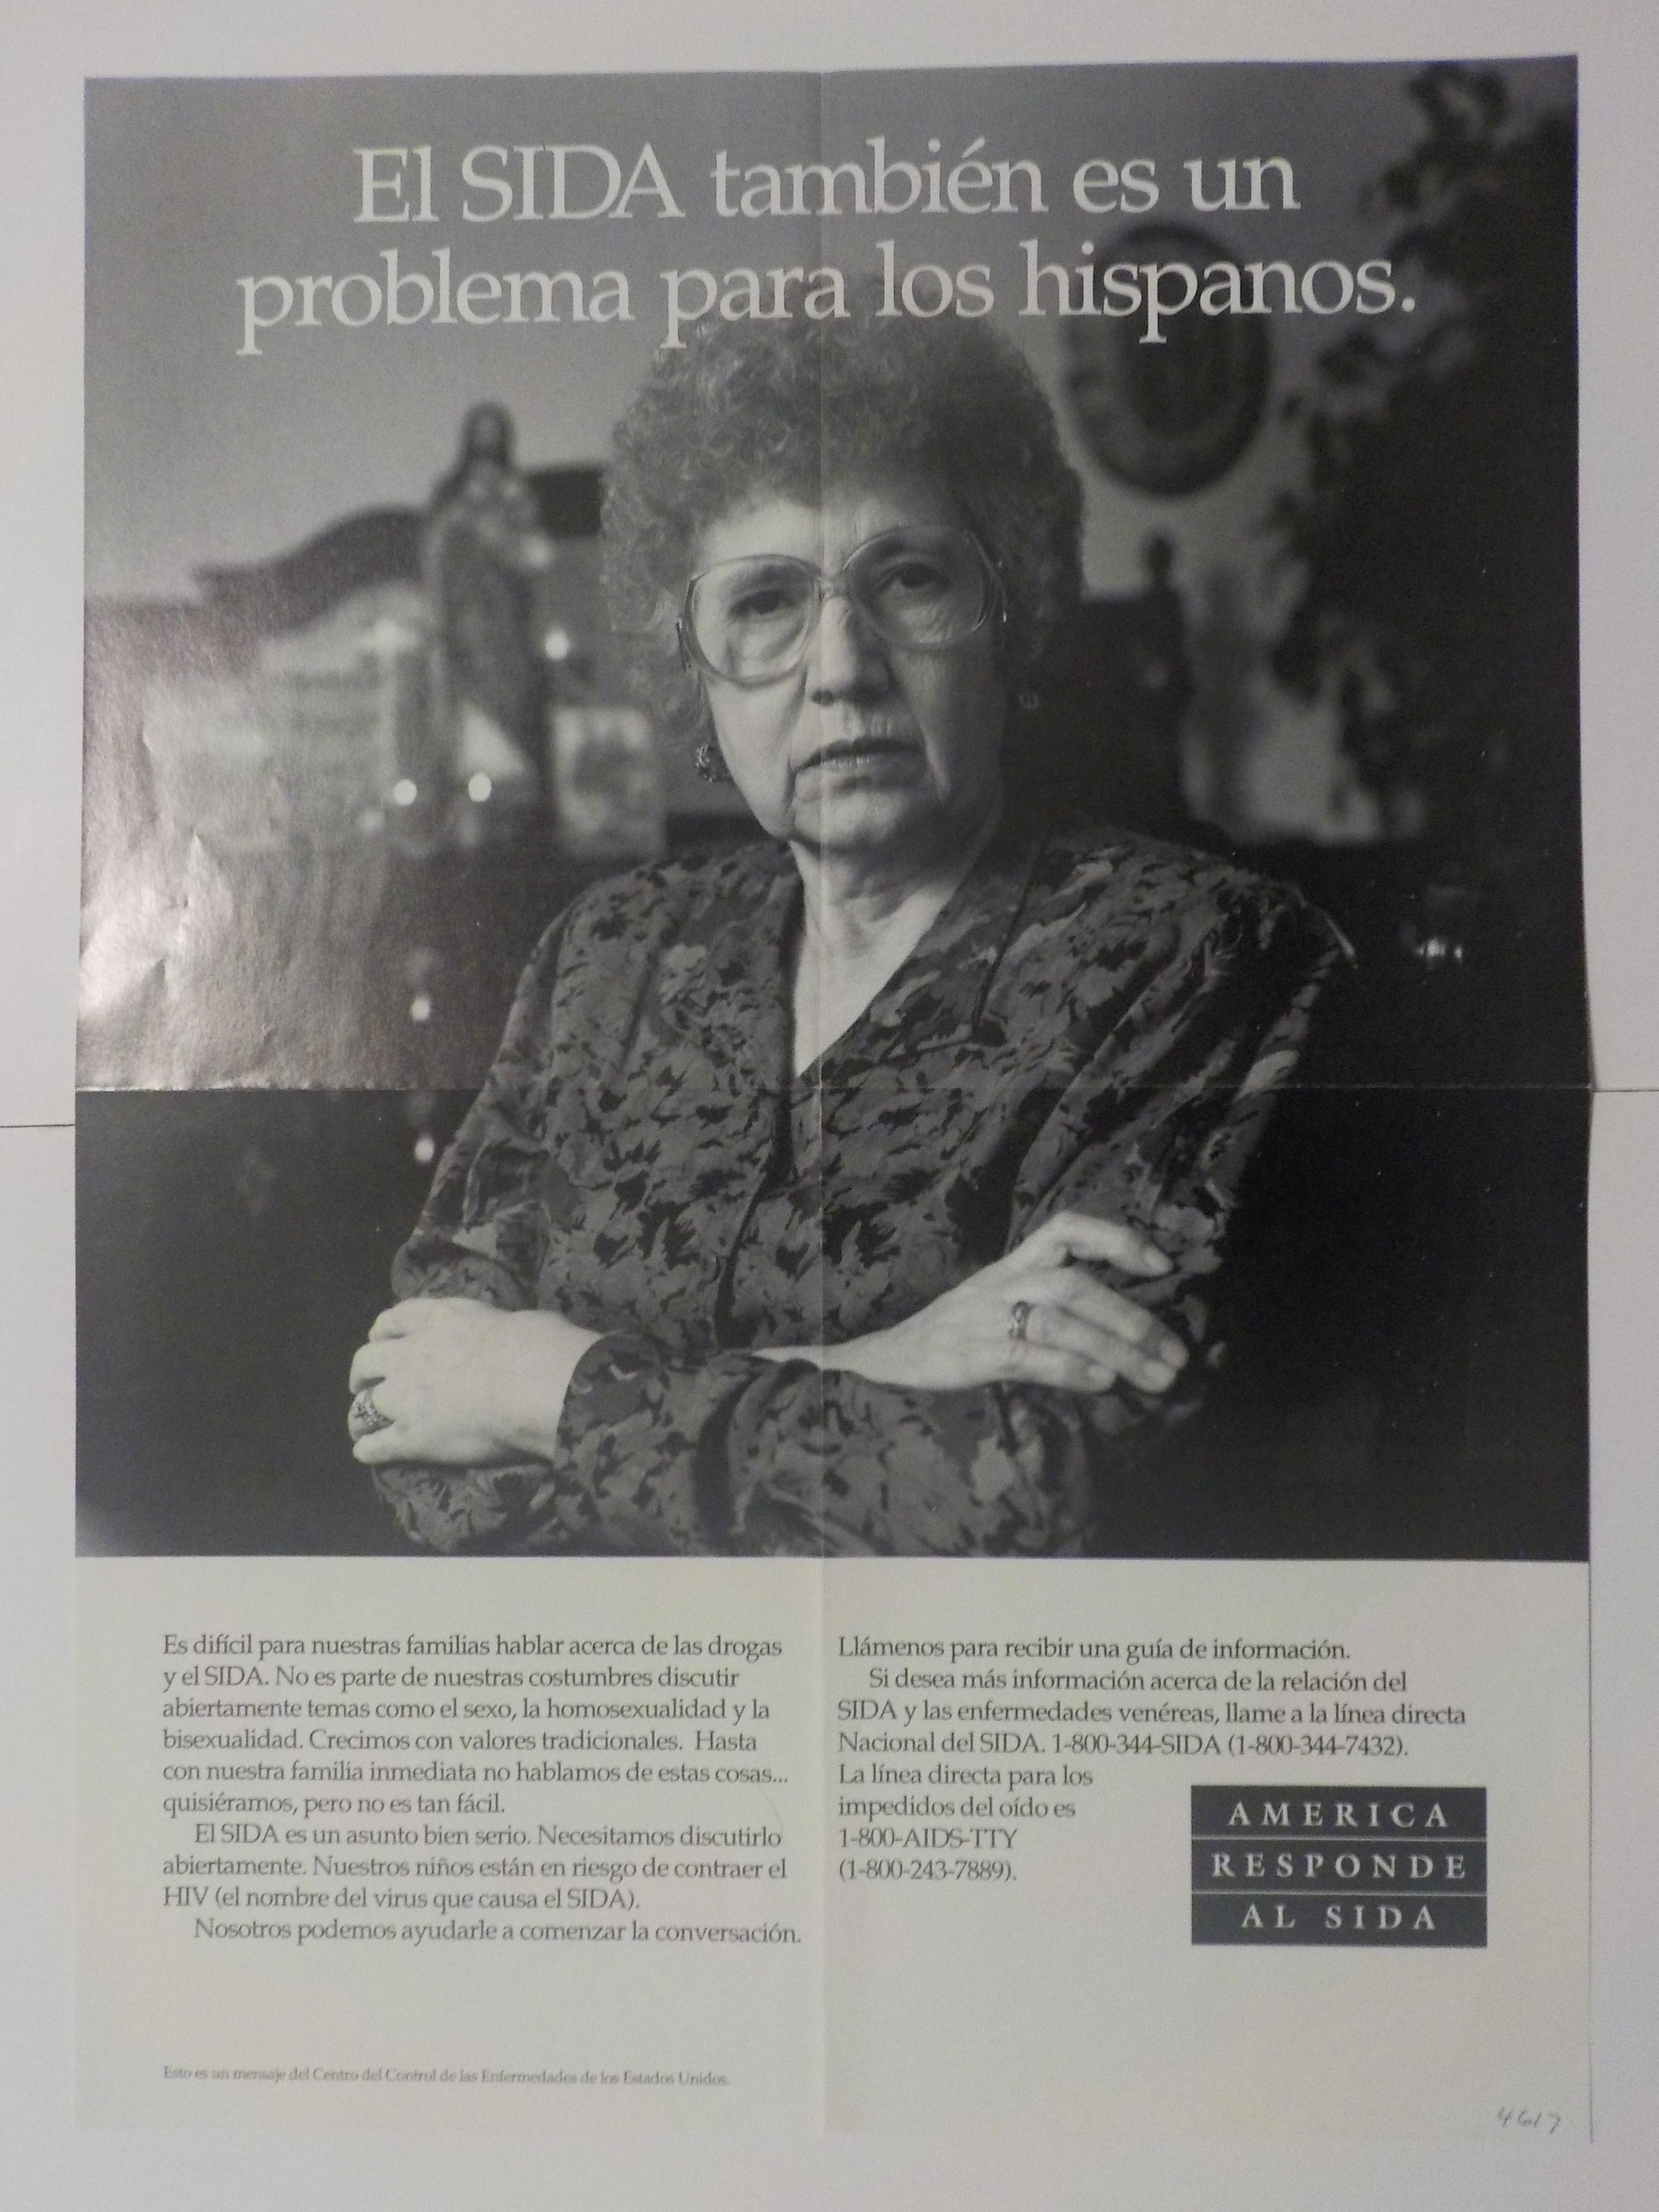 El SIDA tambien es una problema para los hispanos